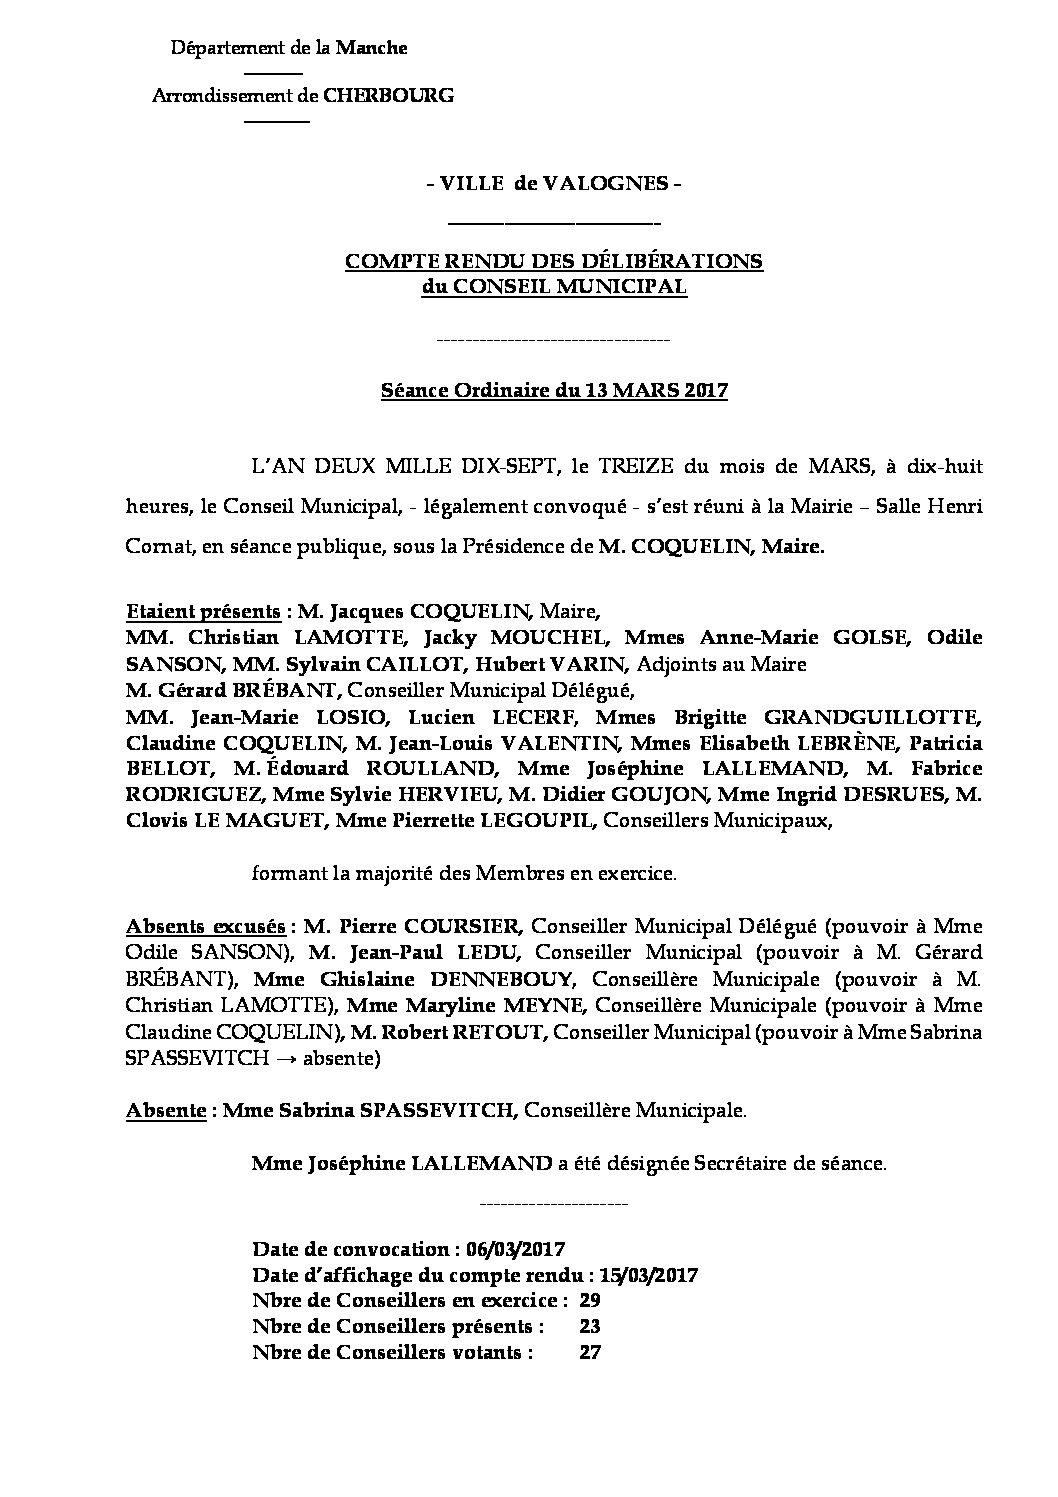 Extrait du registre des délibérations du 13-03-2017 - Compte rendu des questions soumises à délibération lors de la séance du 13 mars 2017.